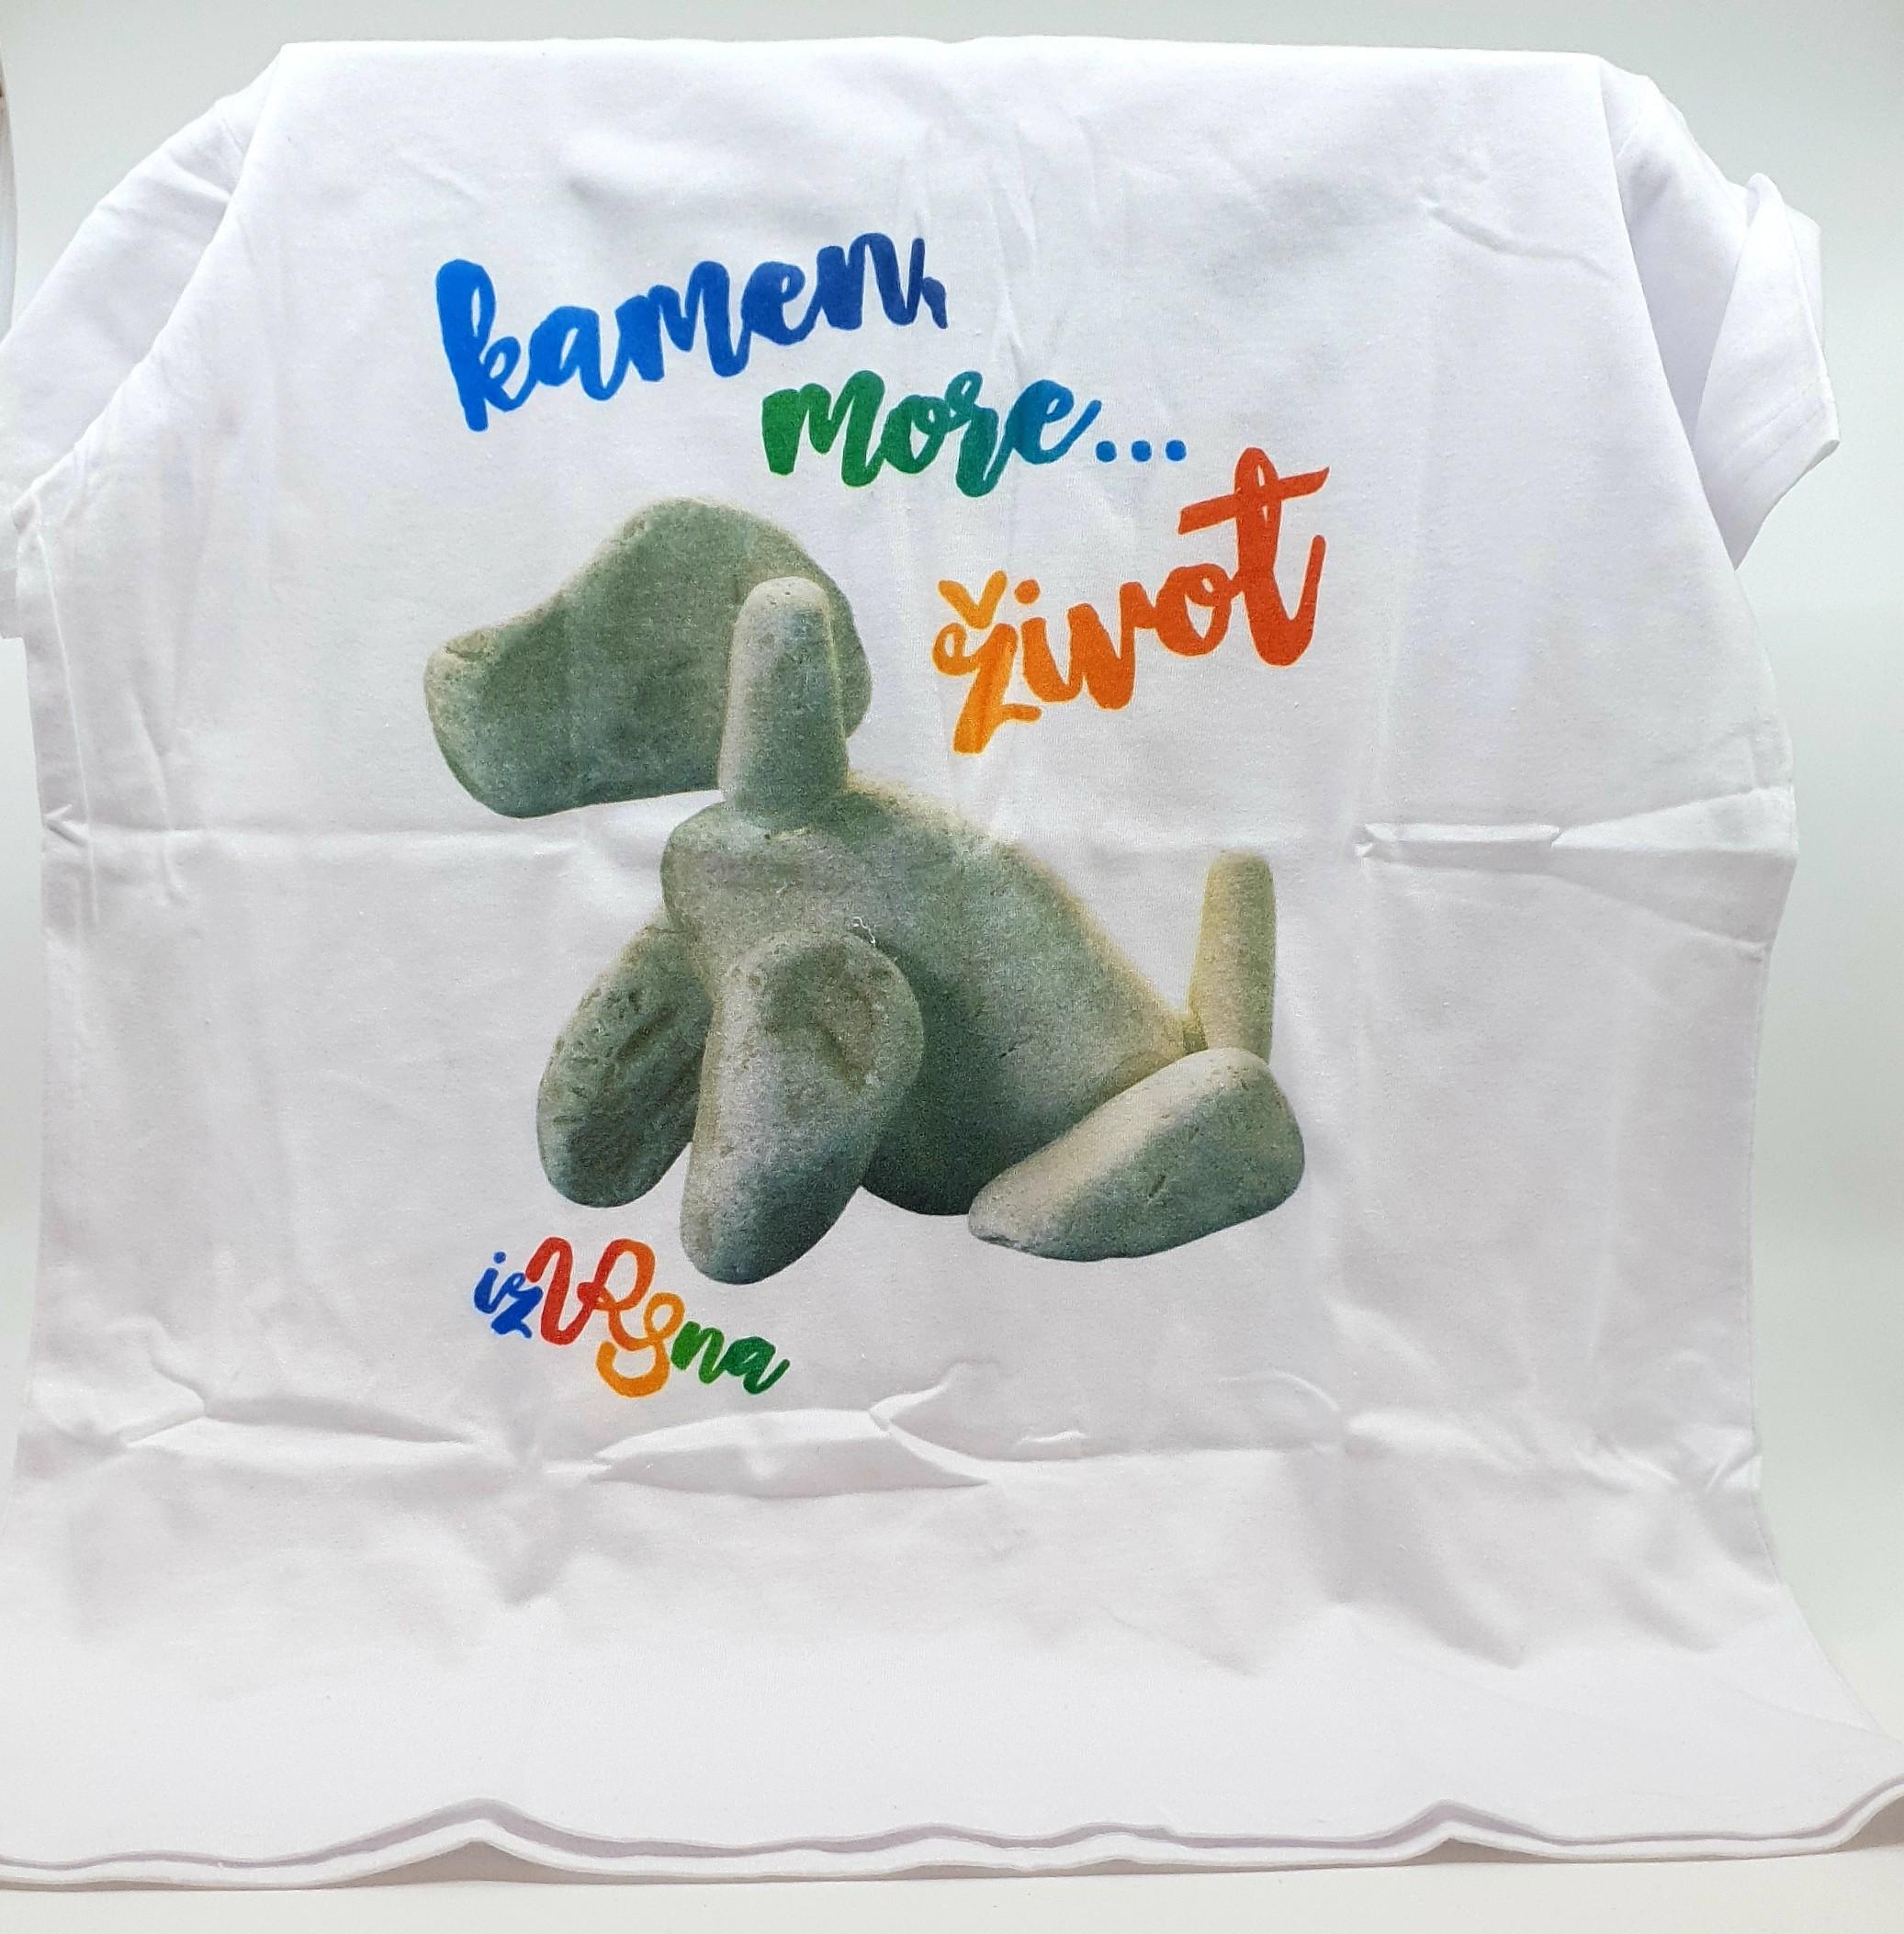 T shirt majica Kamen, more... život